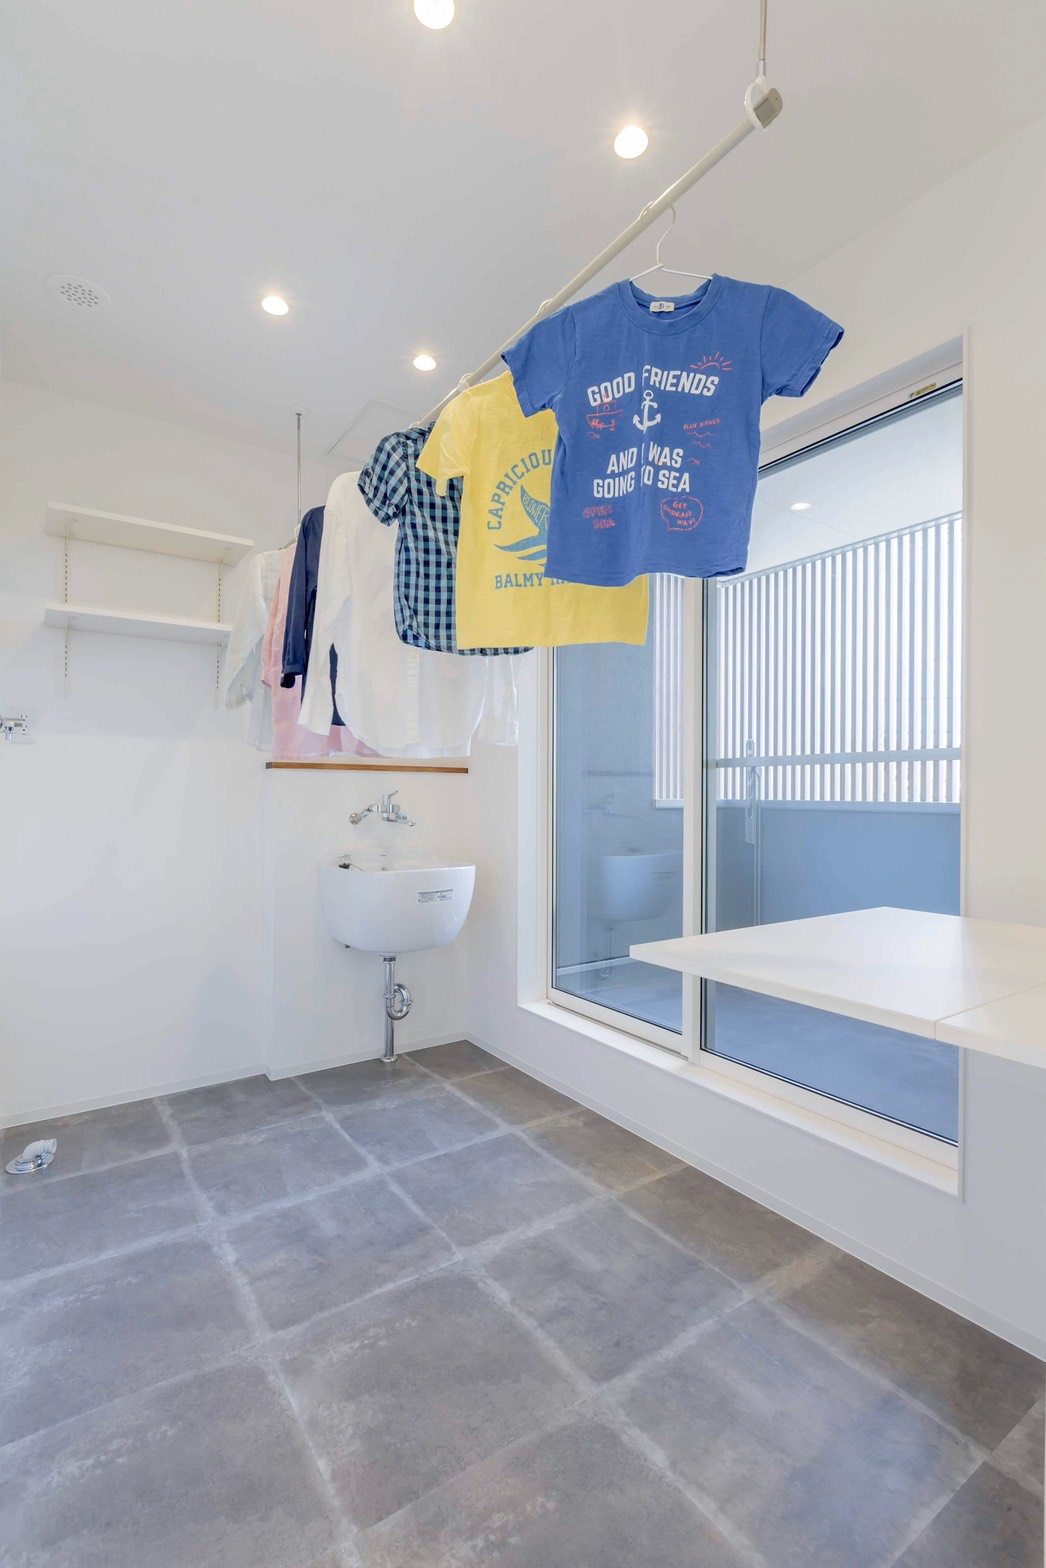 ARRCH アーチ【省エネ、間取り、建築家】ランドリーを2階のバルコニーに隣接させたことで、洗う・干すの作業がコンパクトに。また、1階のリビング前に洗濯物を干さずに済むので、リビングからの景色を美しく保てるメリットも